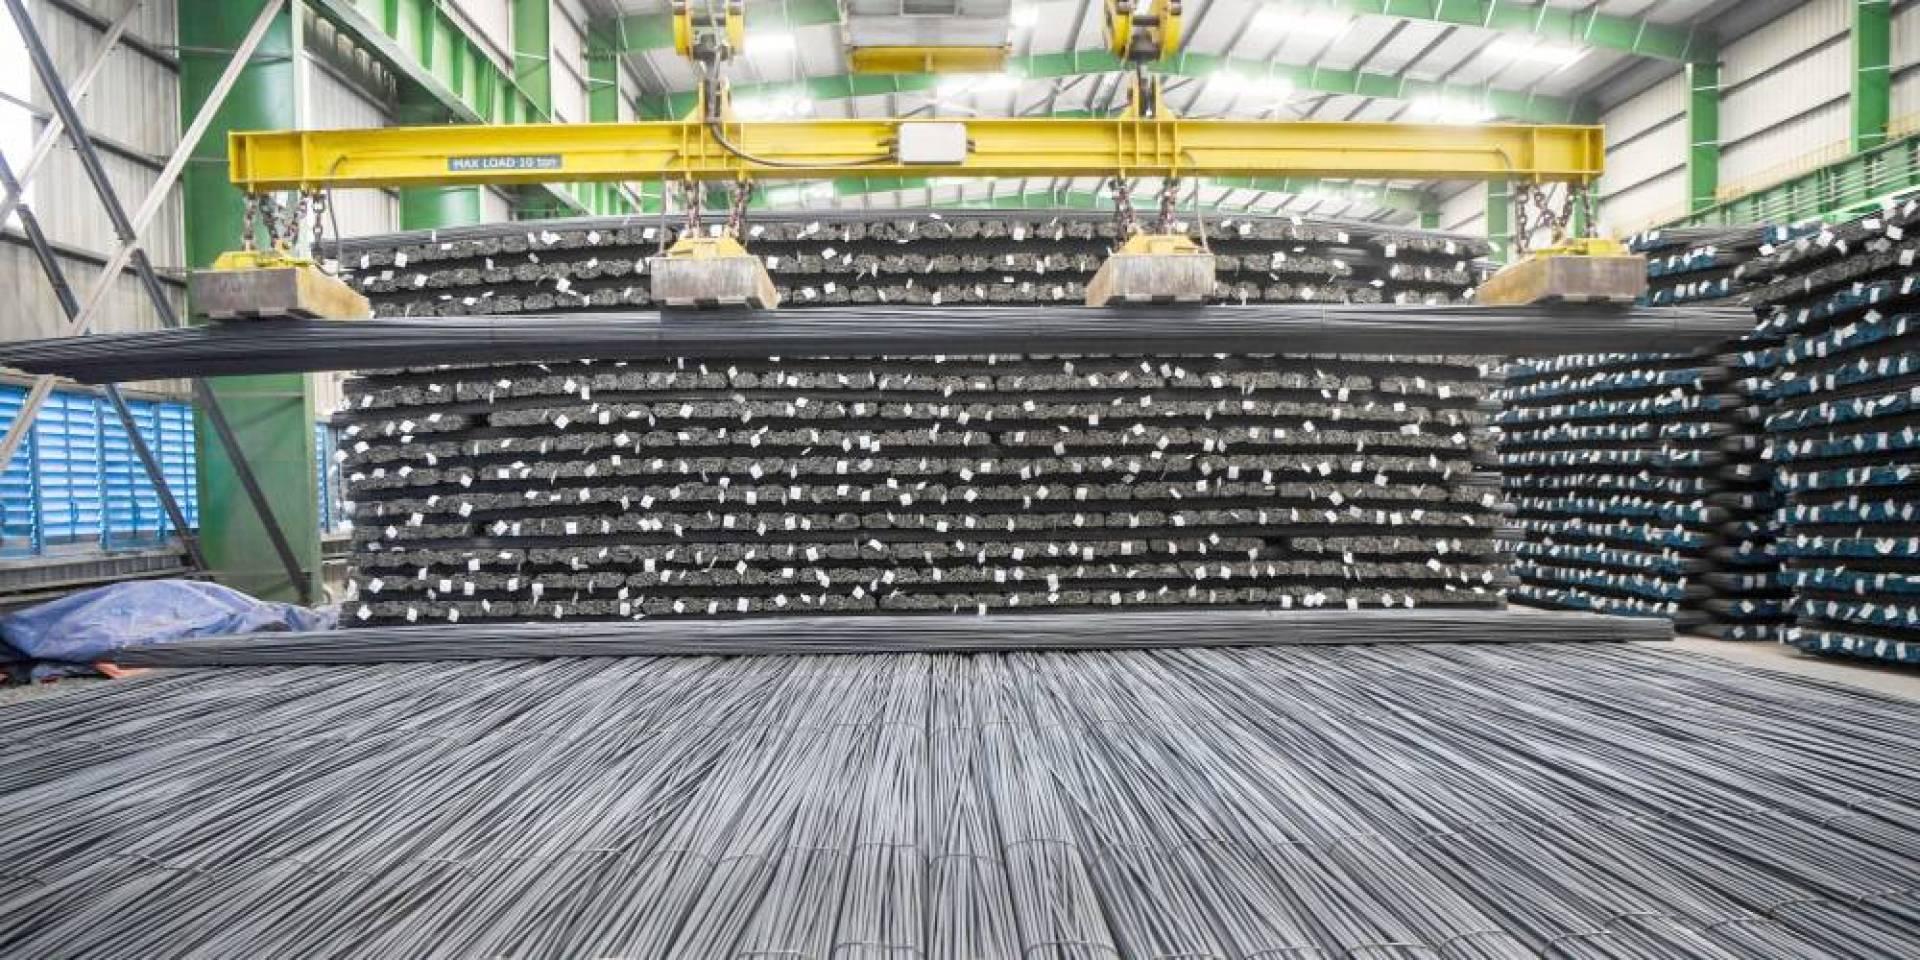 4 توصيات لتطويق ارتفاع أسعار الحديد